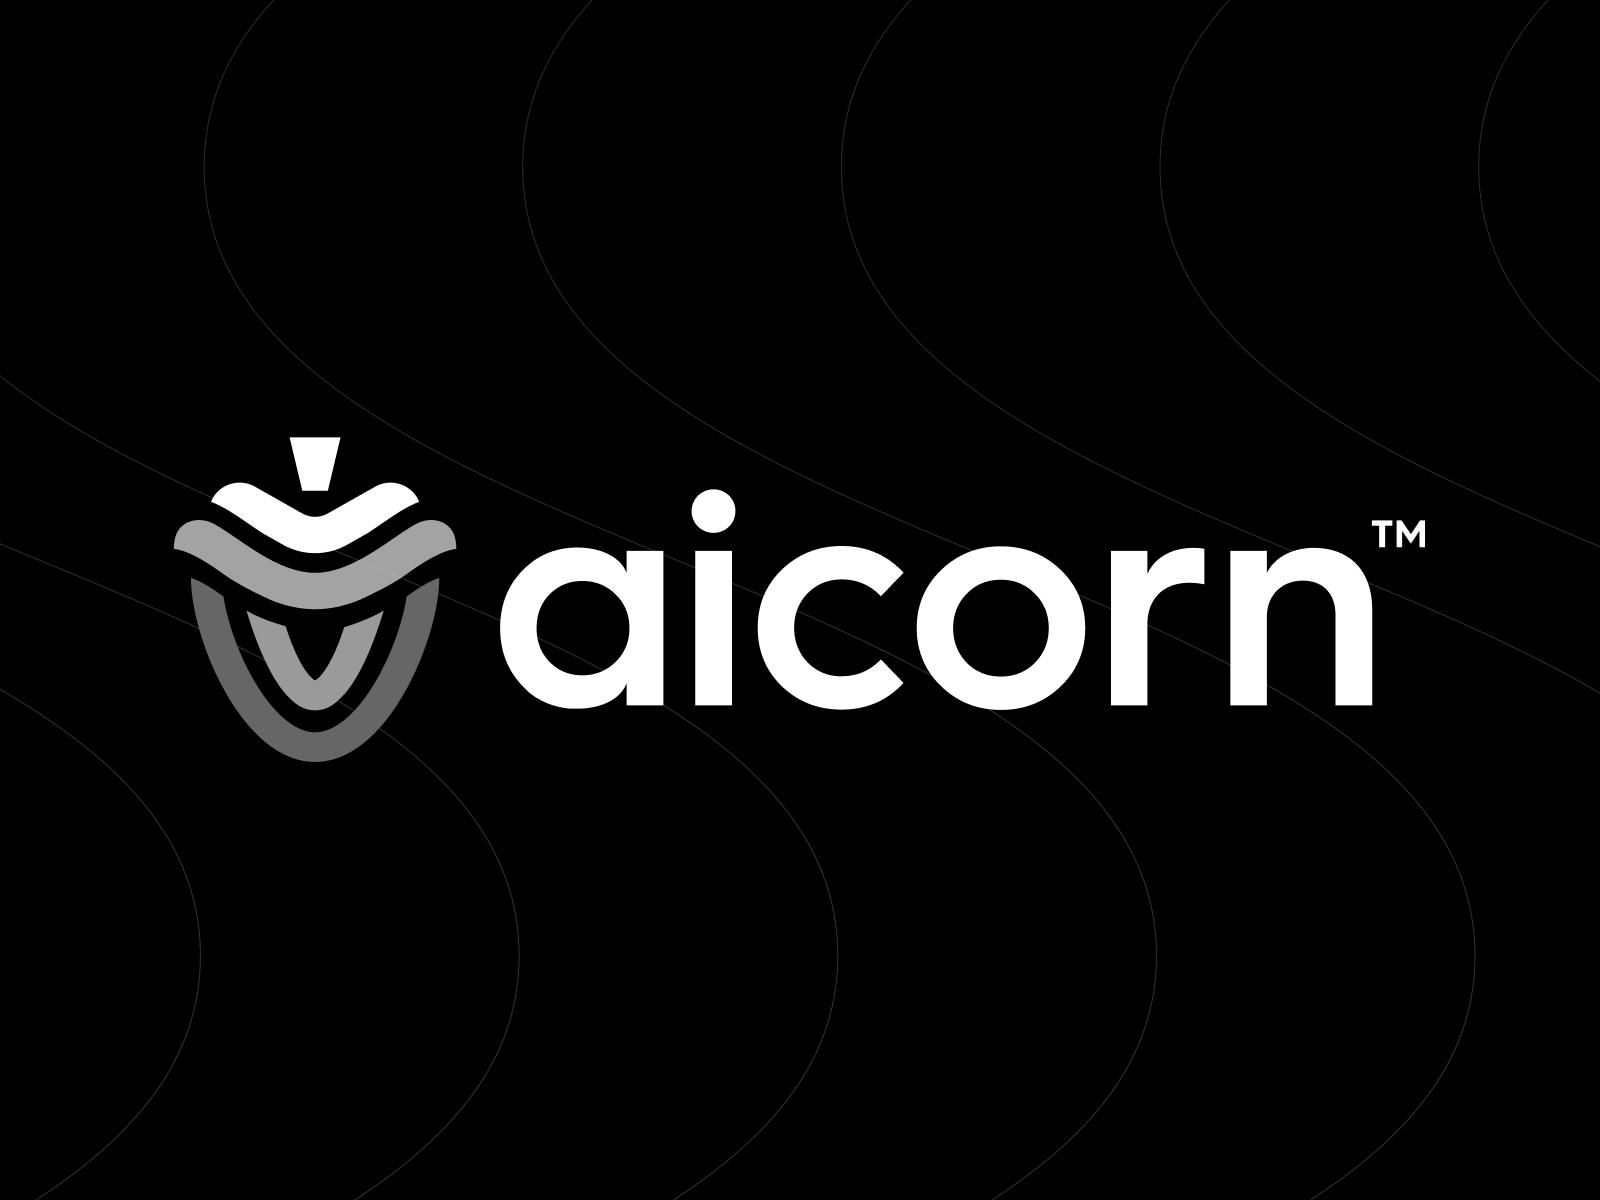 Aicorn Logo Design